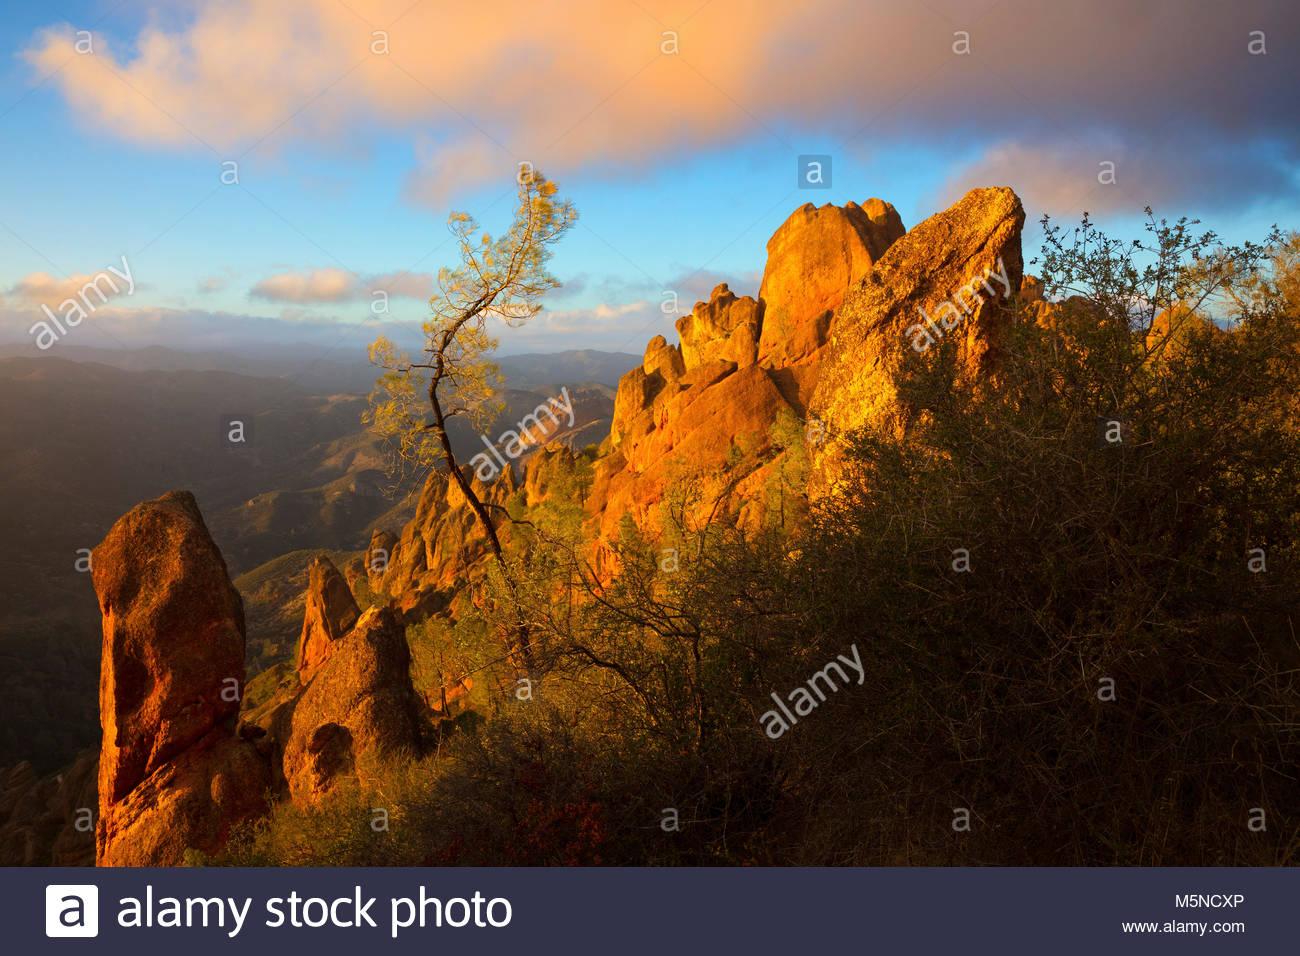 La lumière dorée du coucher du soleil met en évidence l'environnement hostile près du sommet Photo Stock